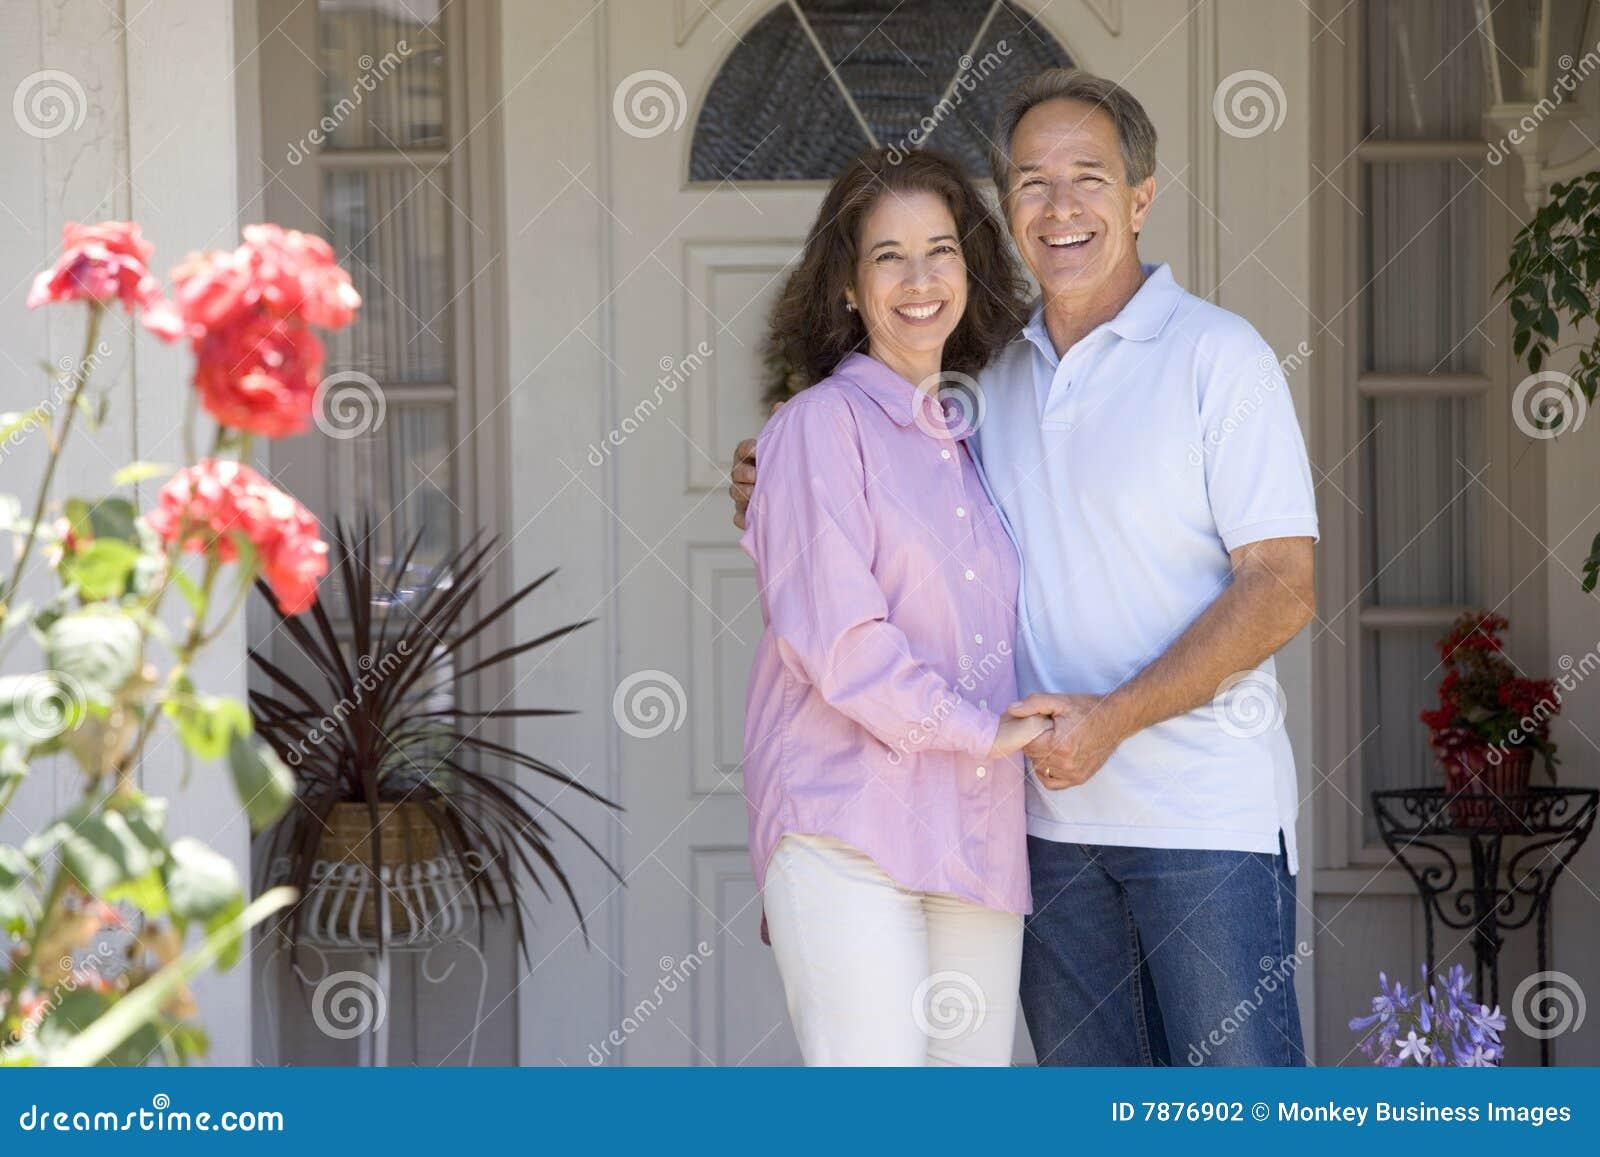 Фото семейная пара с другой парой 17 фотография